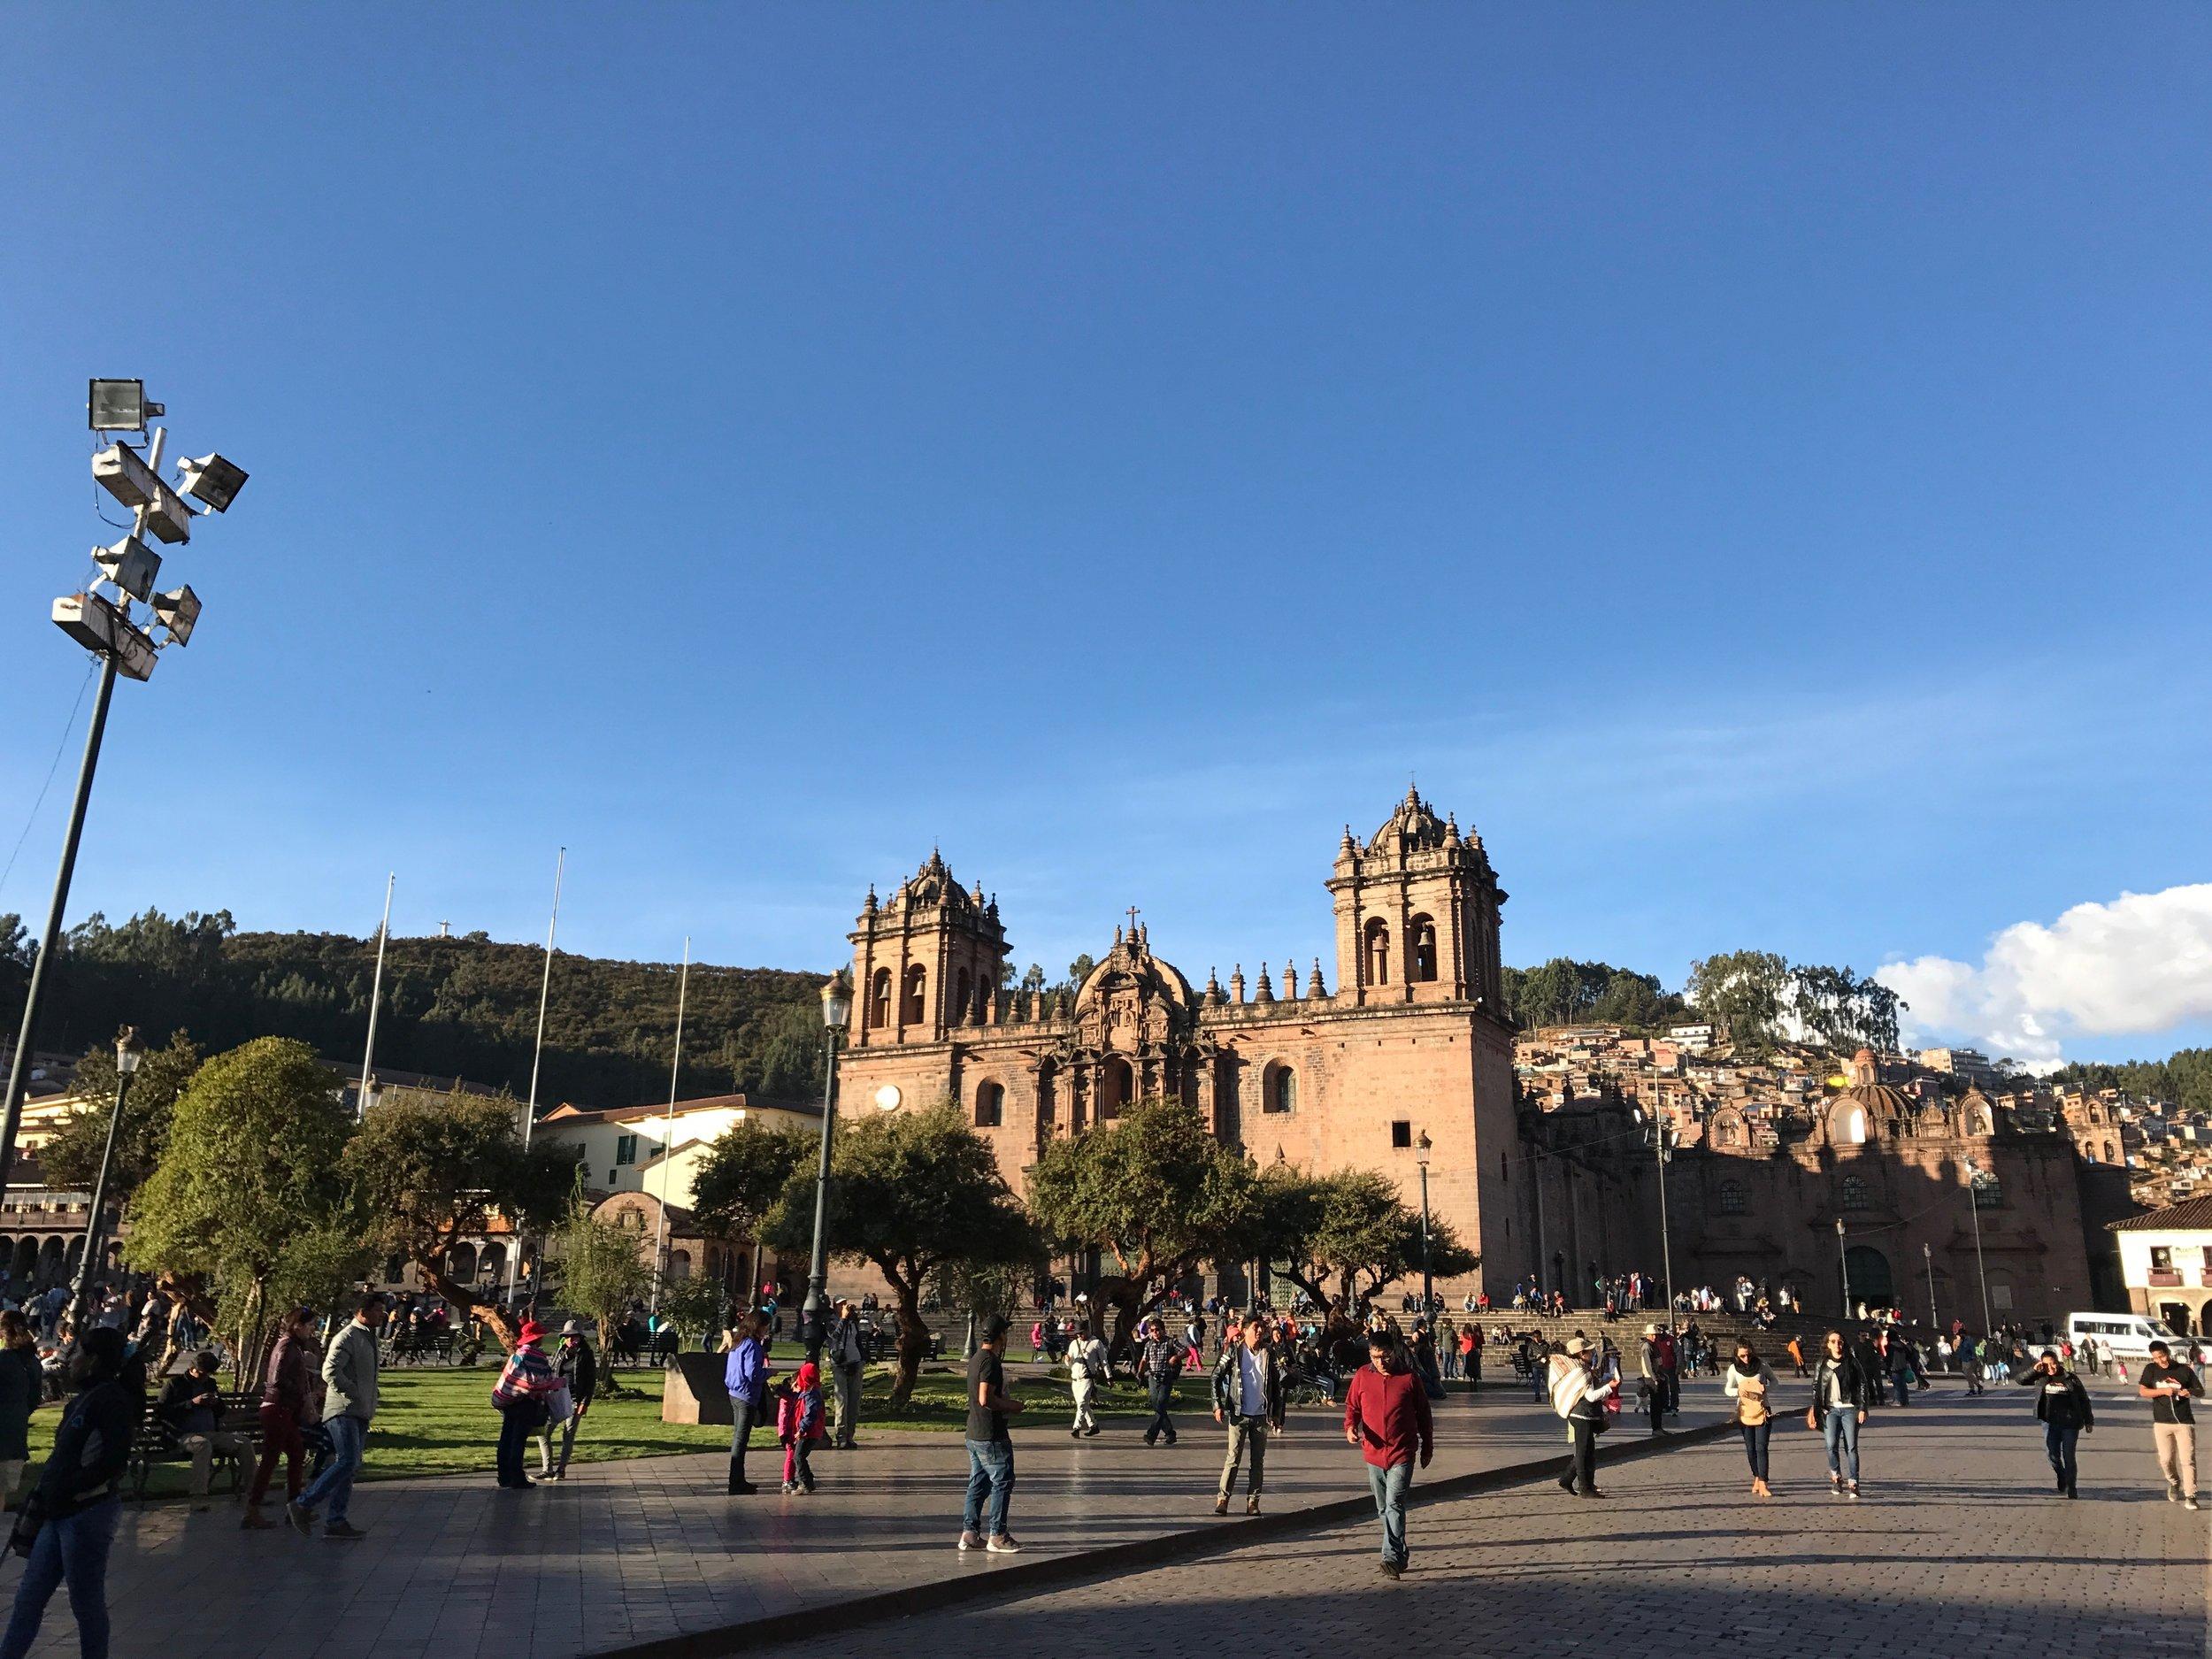 Plaza de Armas in central Cusco